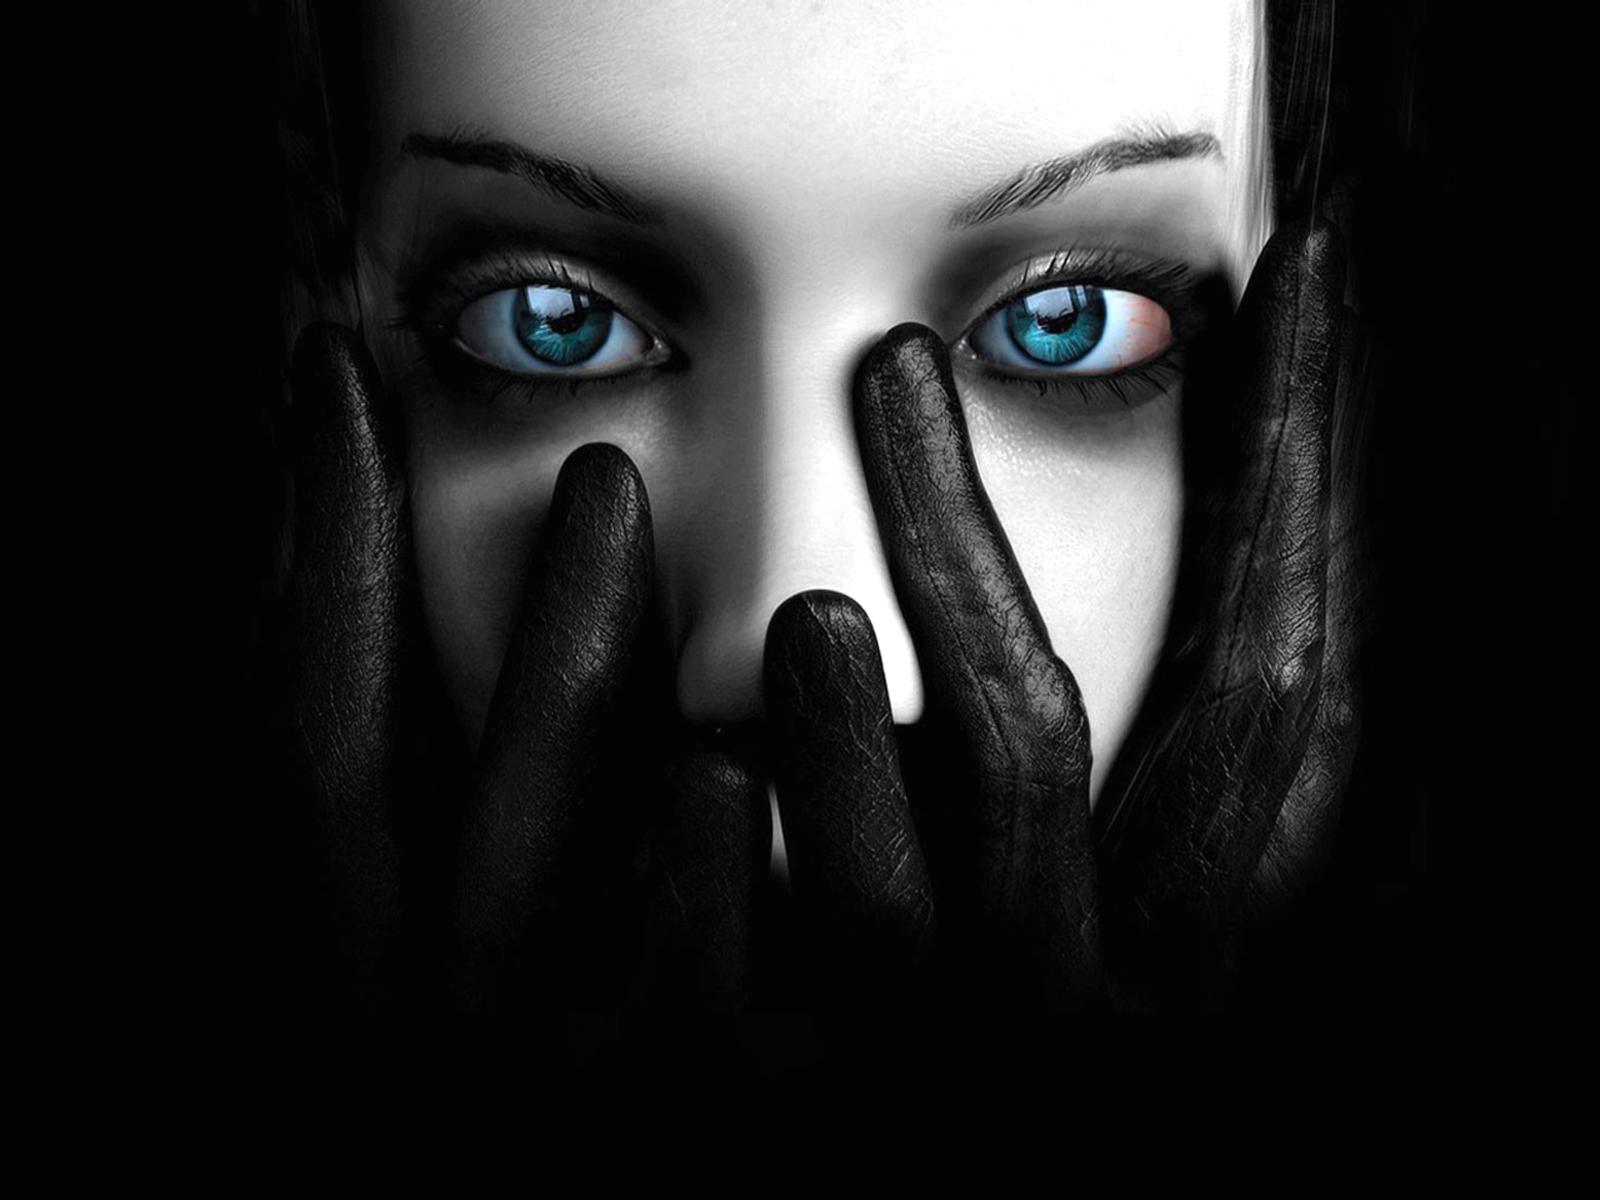 девушка, вампирша, синие глаза, скачать фото, обои для рабочего стола